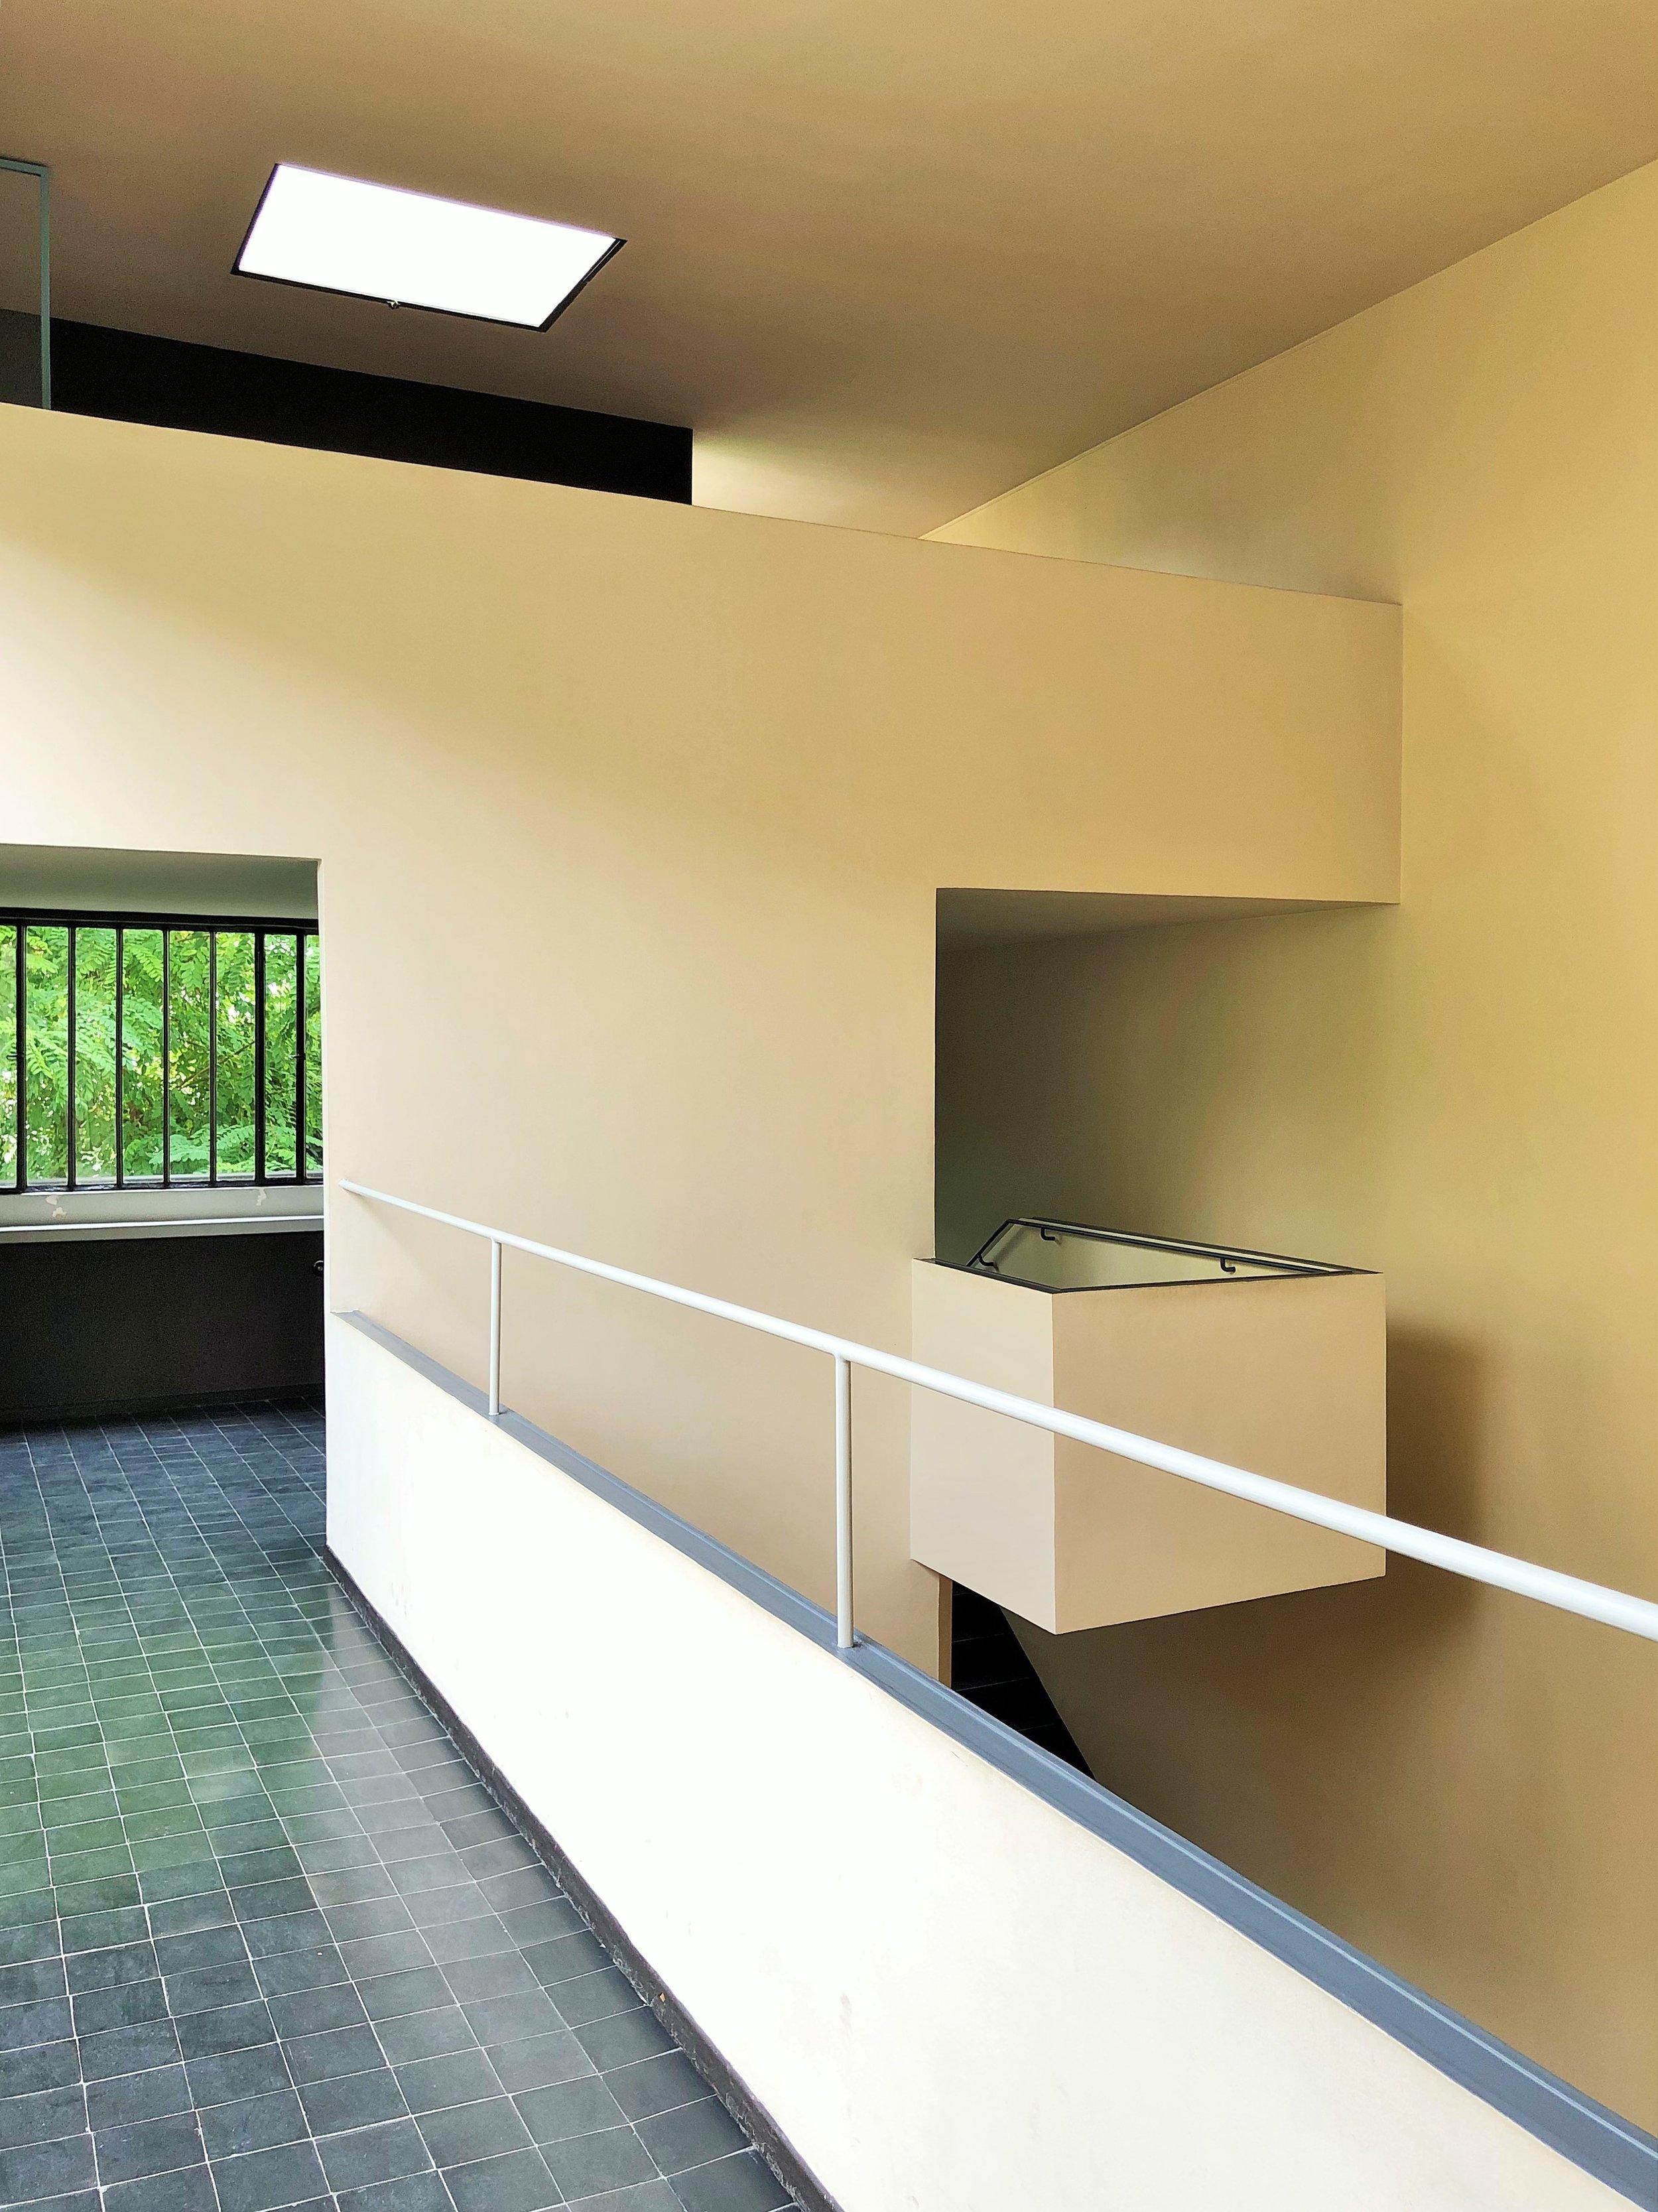 The hallway, Maison La Roche, by Le Corbusier Photograph ©The London List